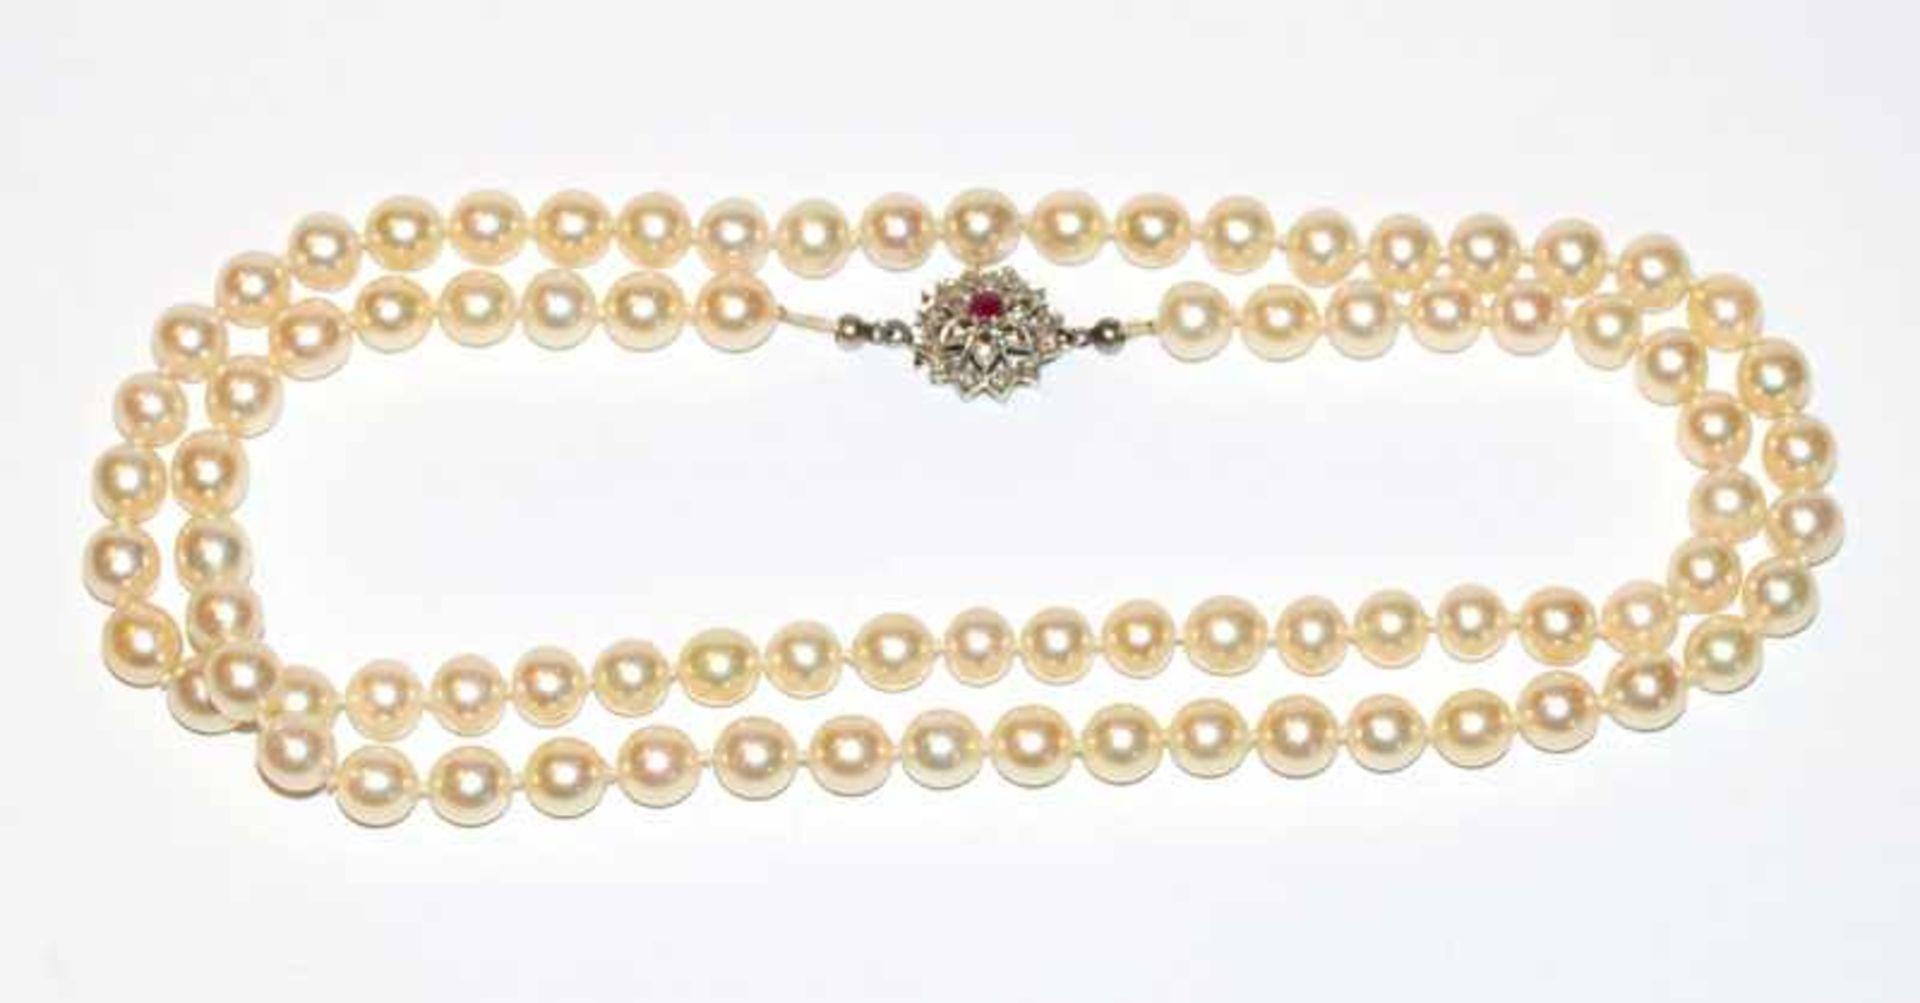 Los 23 - Perlenkette mit 14 k (geprüft) Weißgoldschließe mit Rubin, L 66 cm